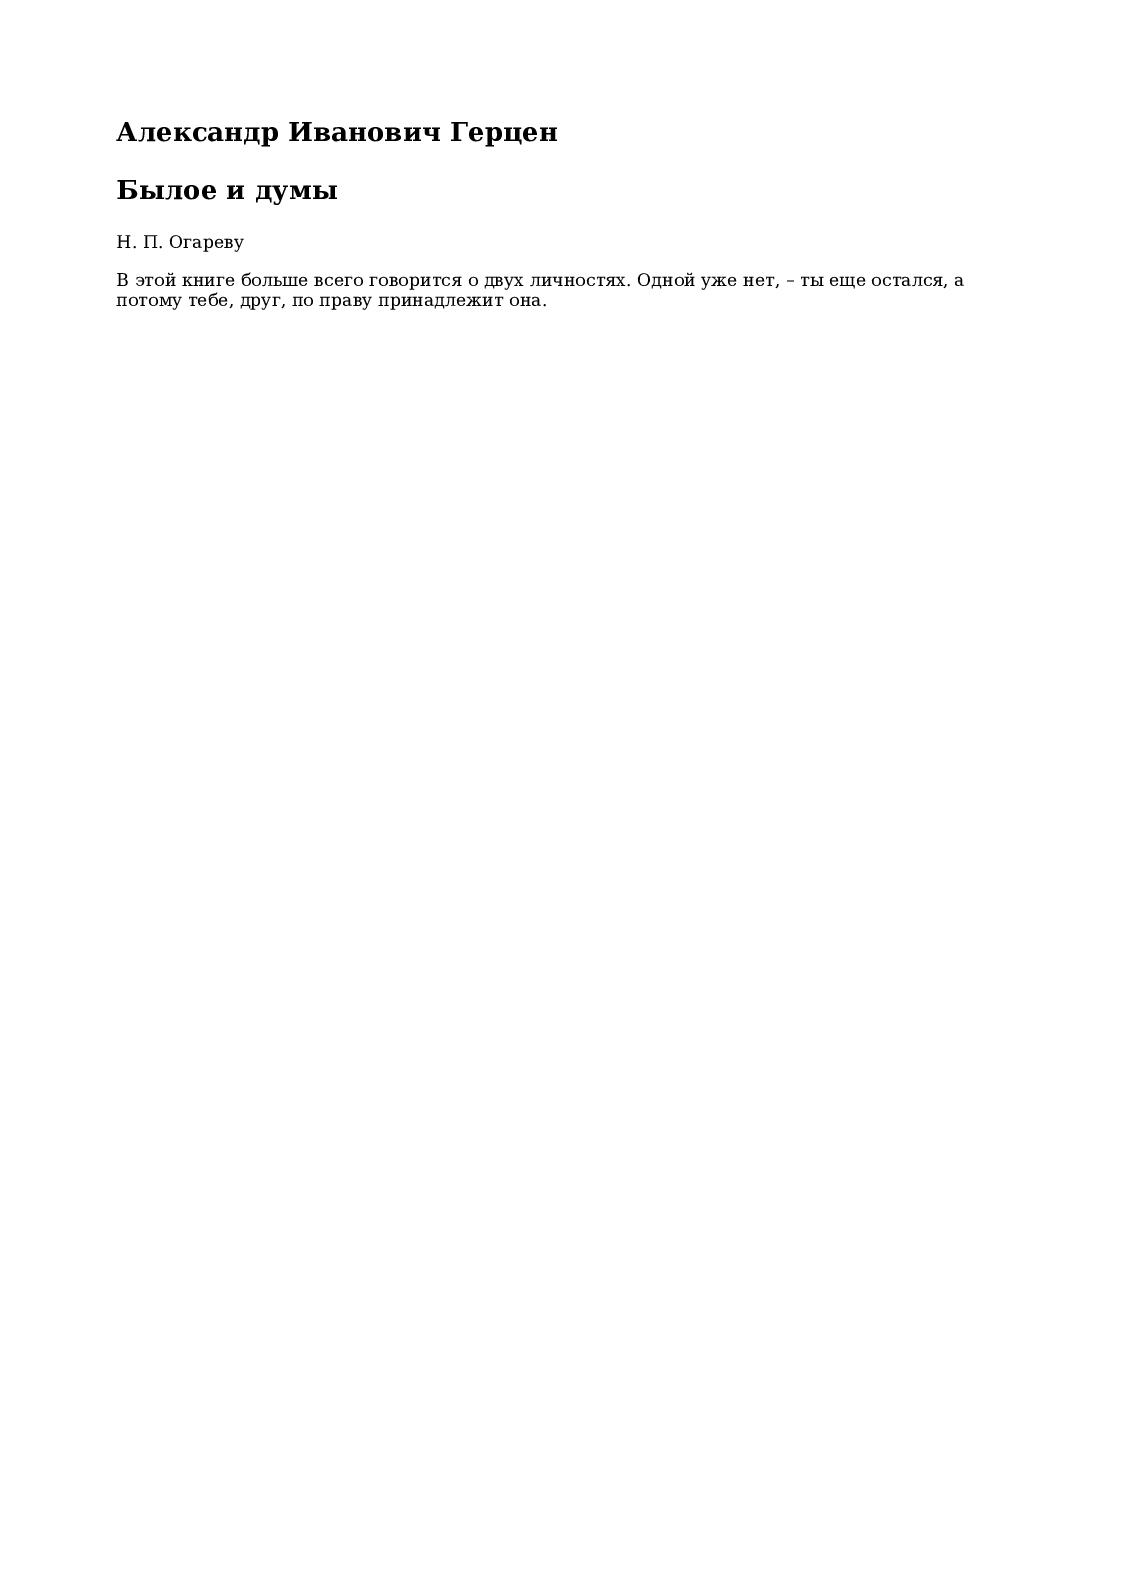 Поиск компании по инн и кпп